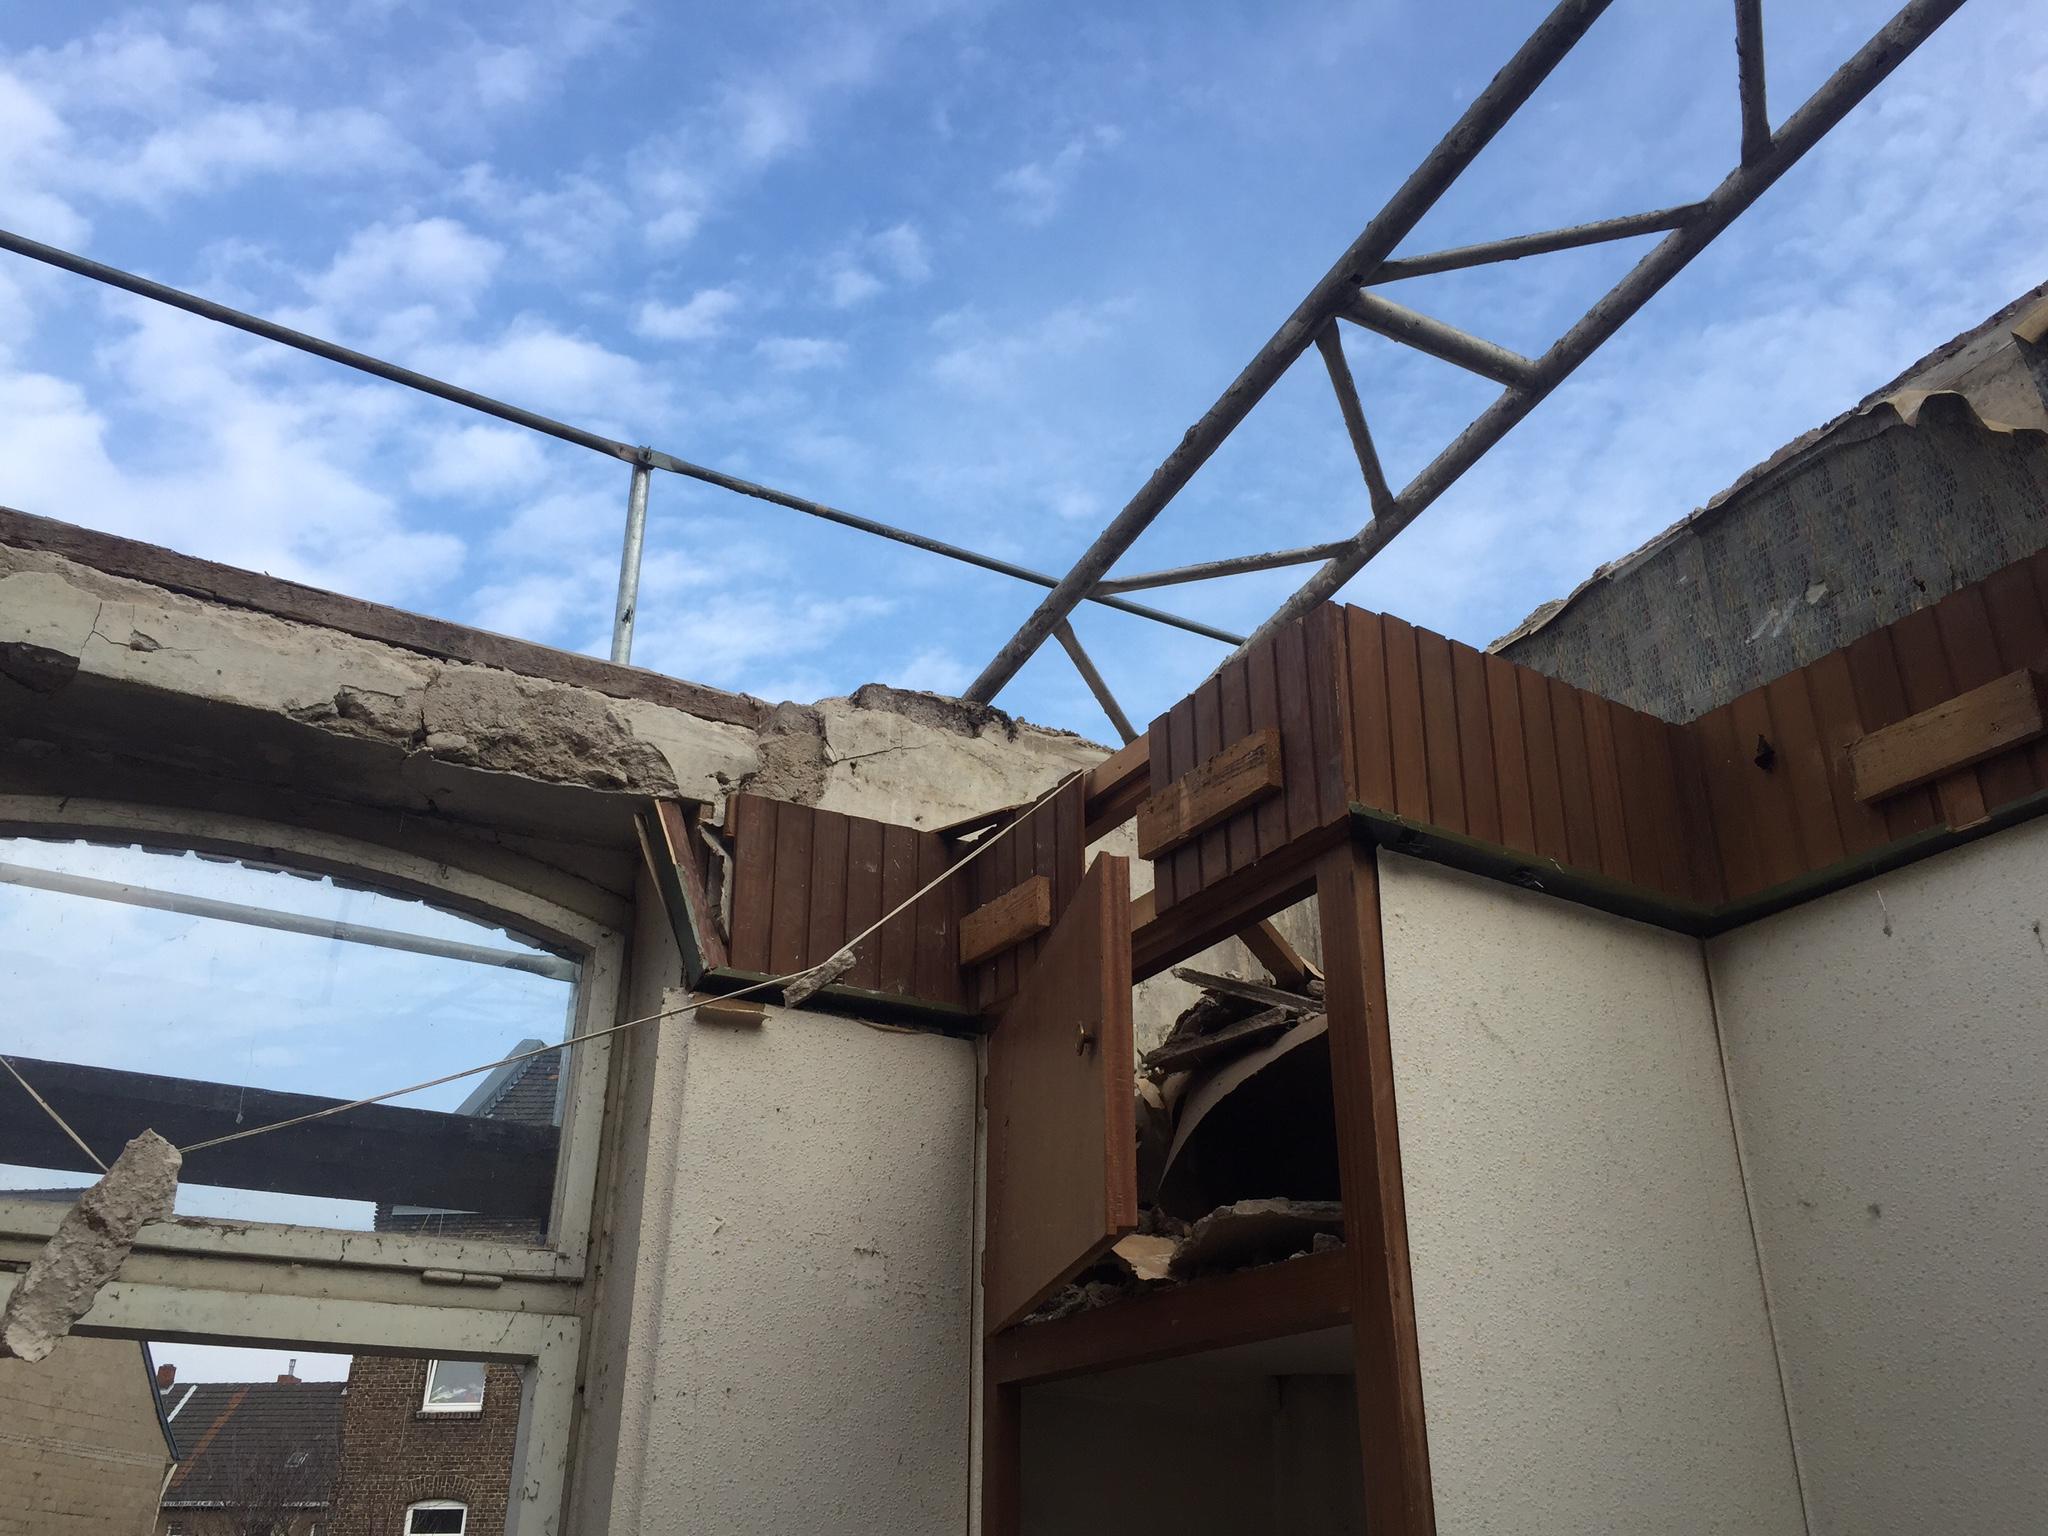 Nutzungsrecht - Sanieren eines Altbaus ohne Baugenehmigung? - WIR ...